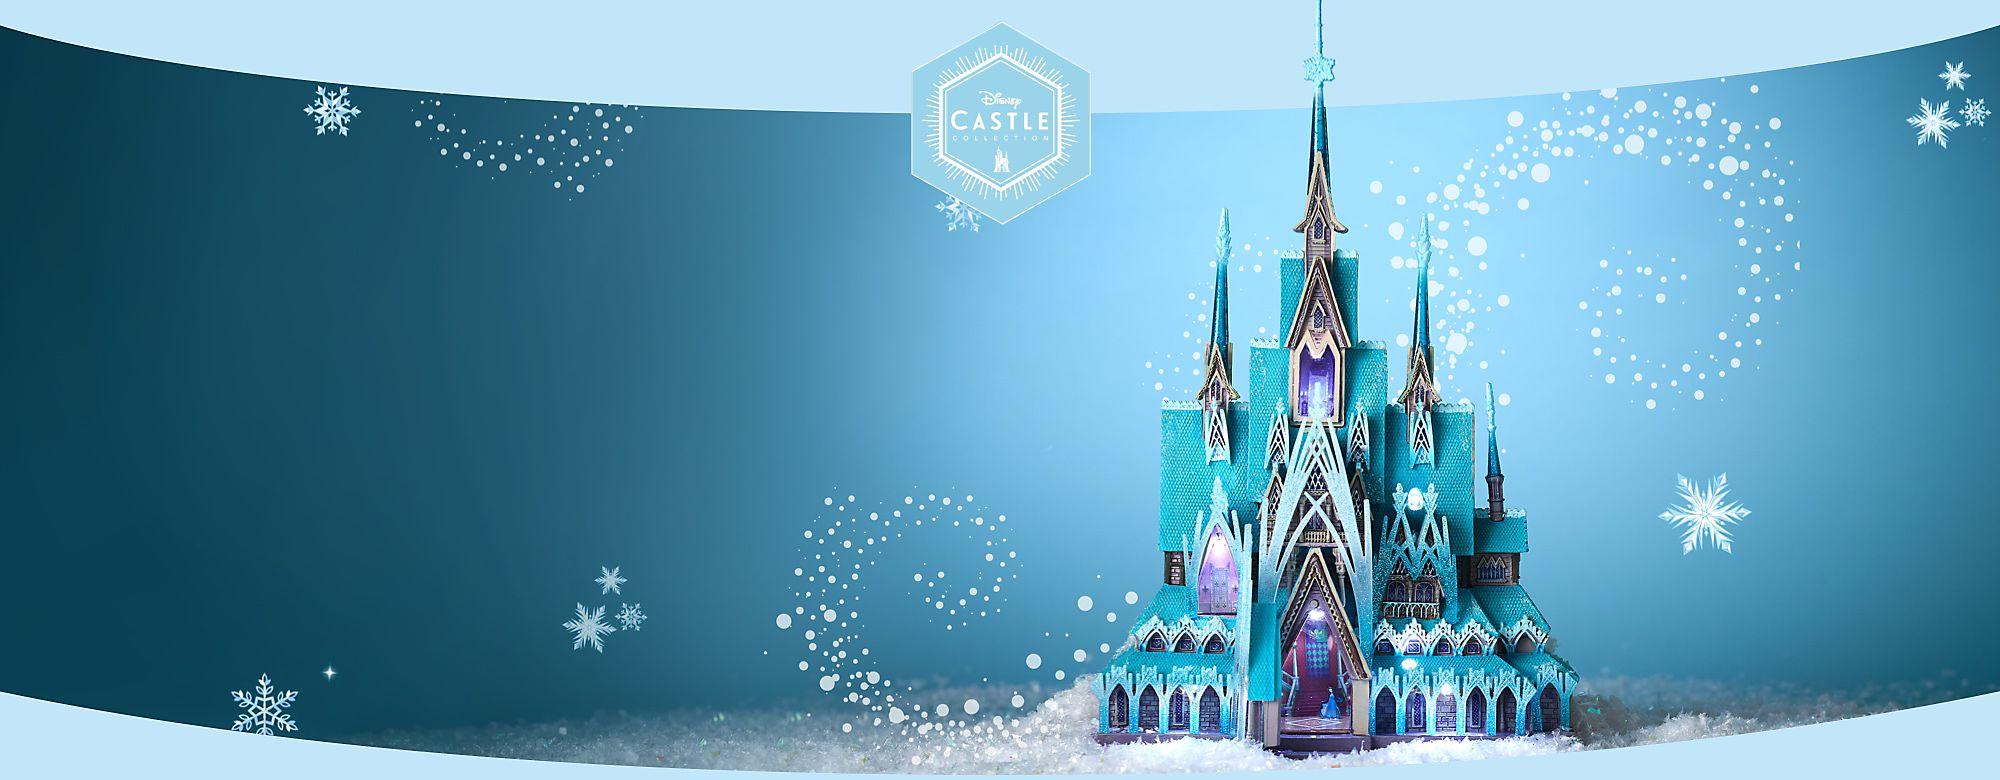 Disney Castle, série « La Reine des Neiges » Découvrez une collection en édition limitée qui rend hommage au lieu mythique d'un conte intemporel PROCHAINEMENT